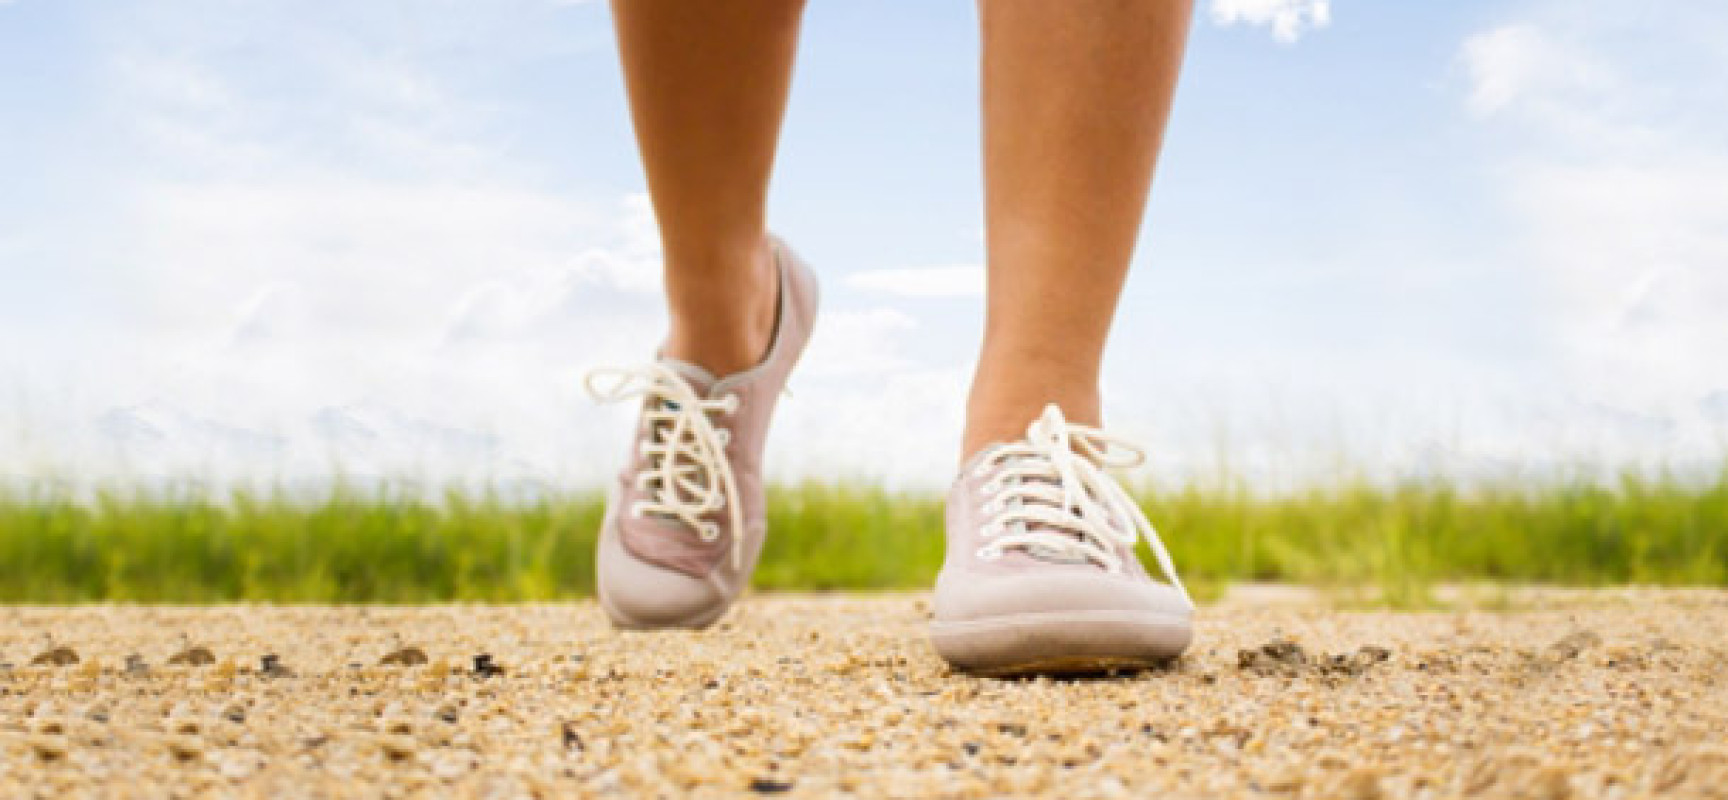 Dietas para adelgazar 15 kilos en 2 semanas picture 8